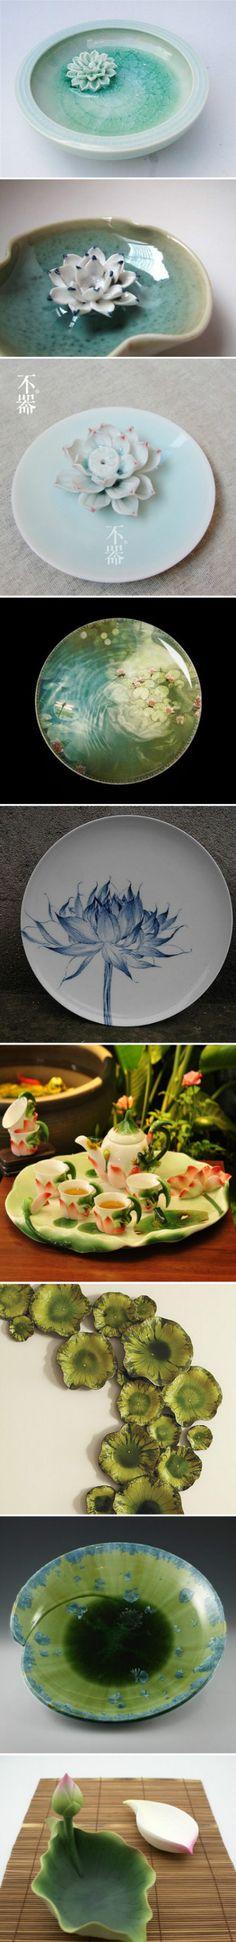 porcelain & lotus